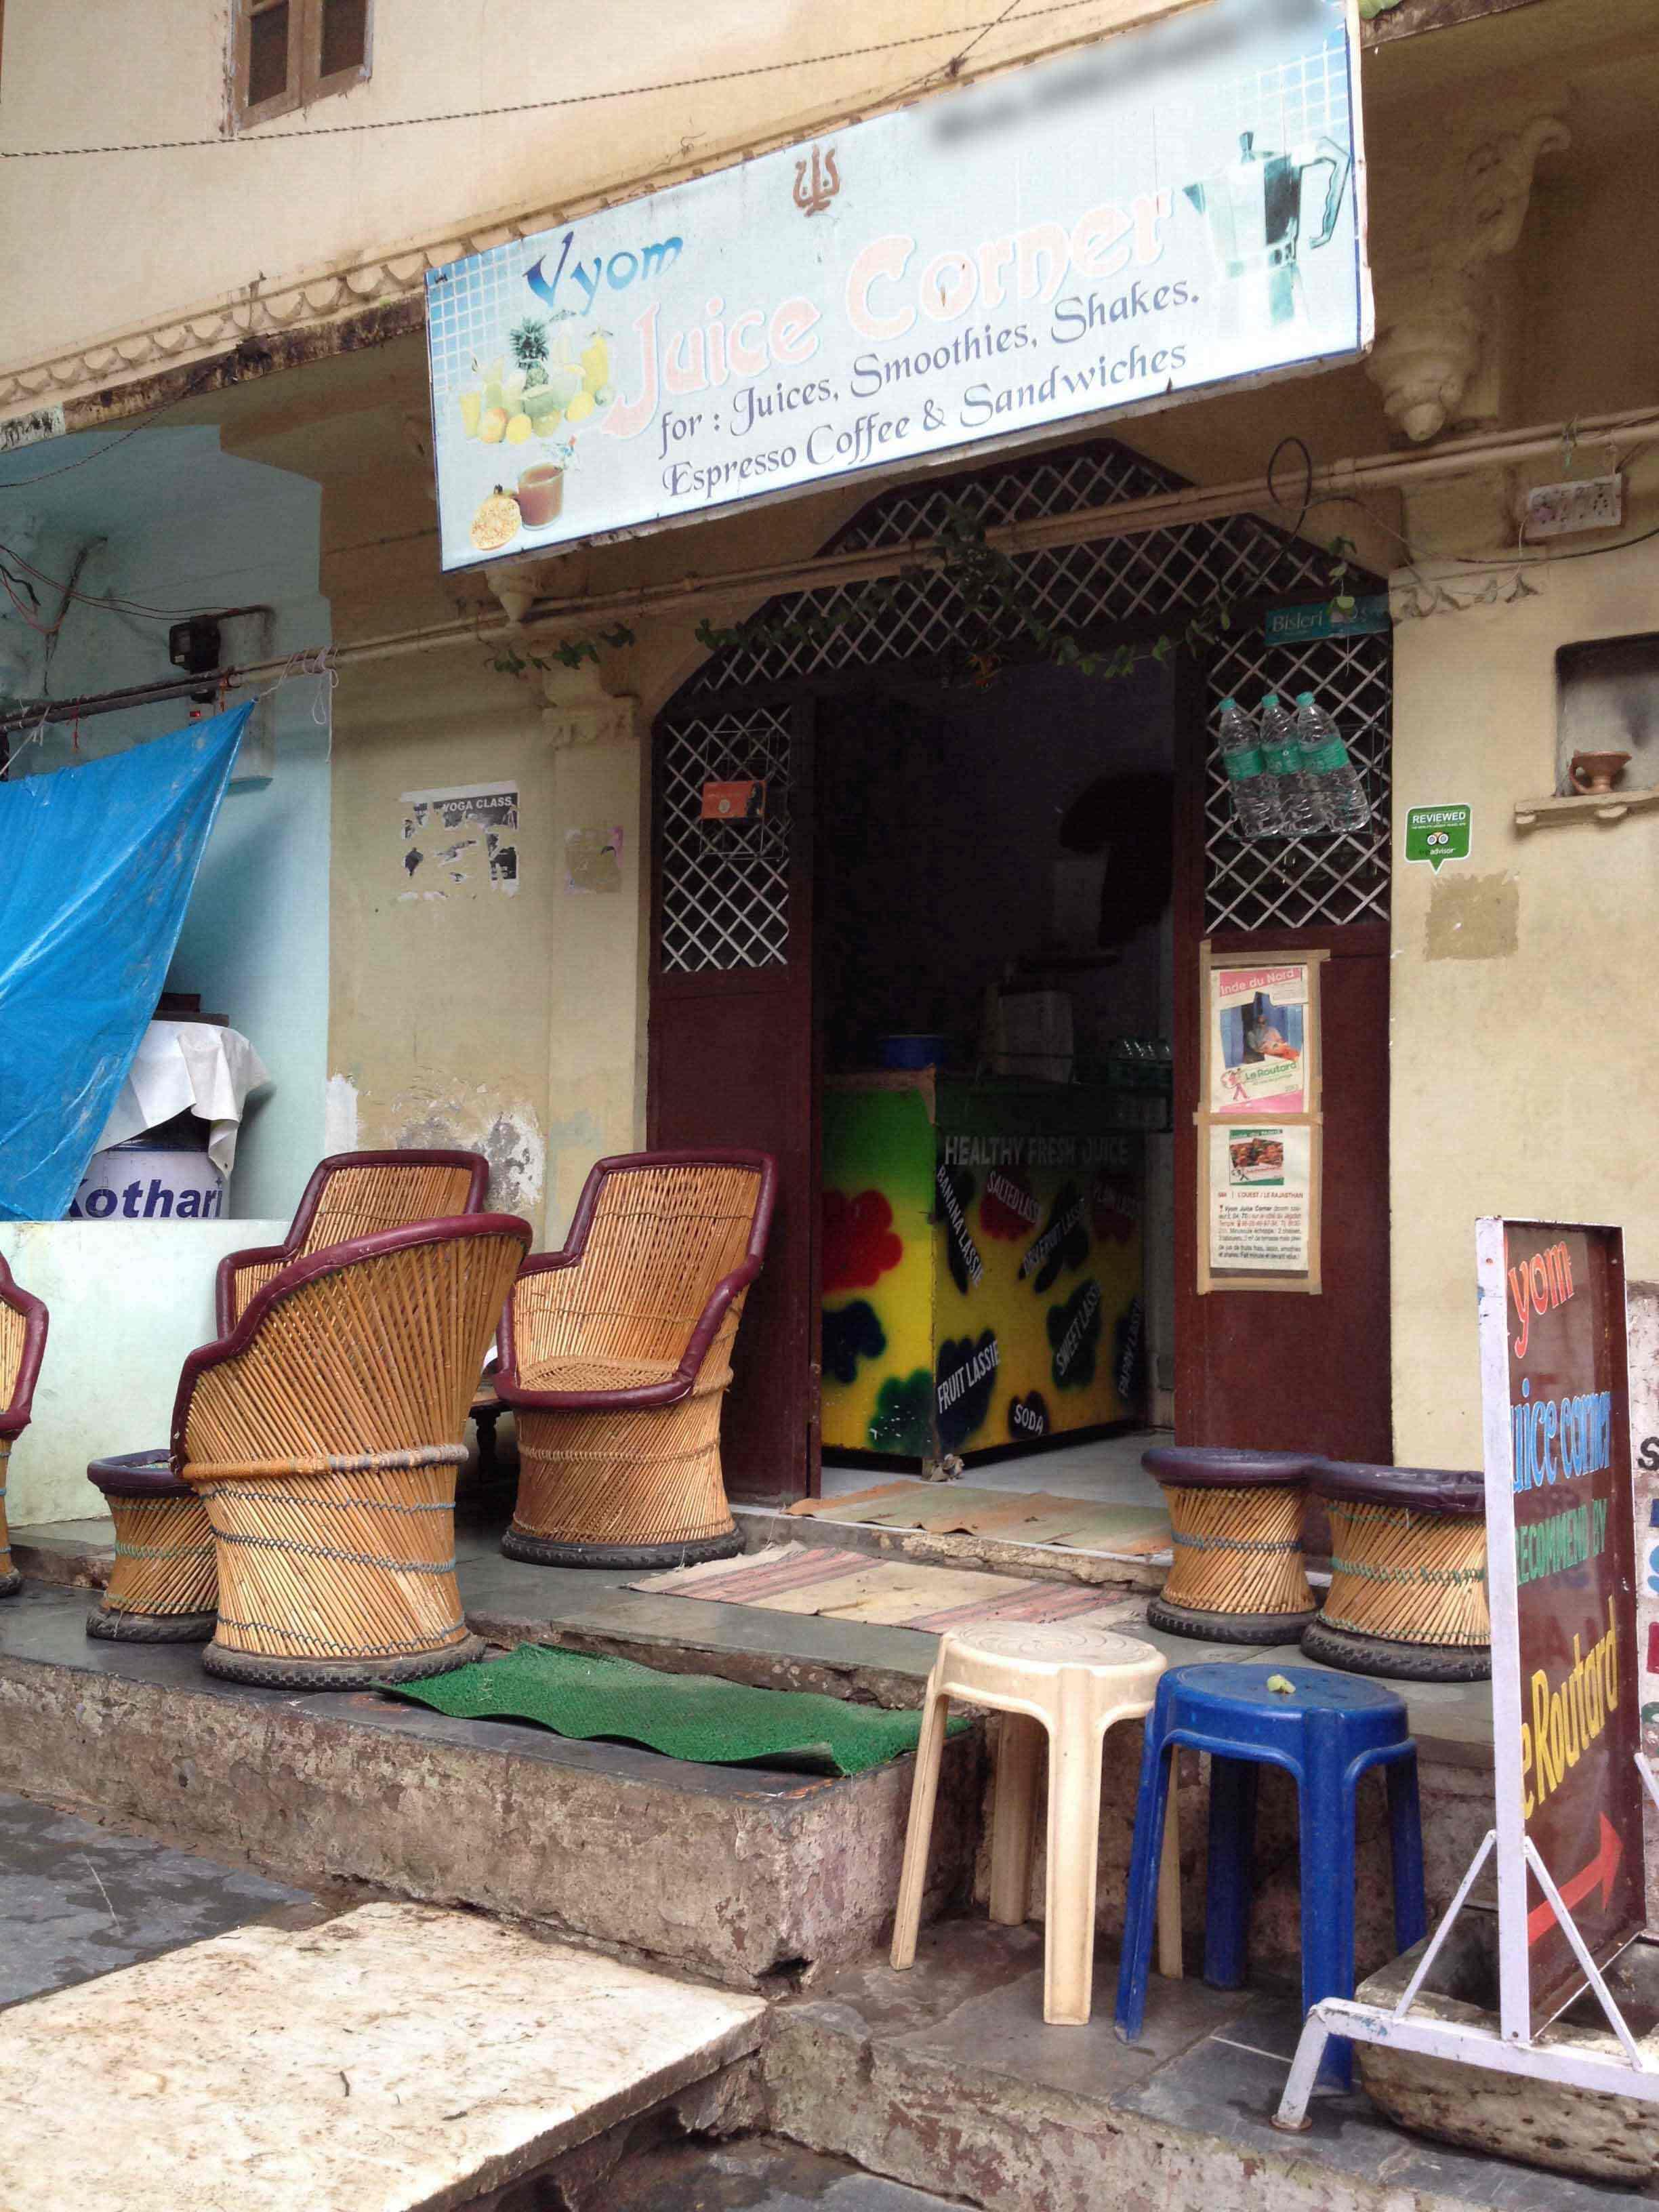 Vyom Juice Corner - Chandpole - Udaipur Image